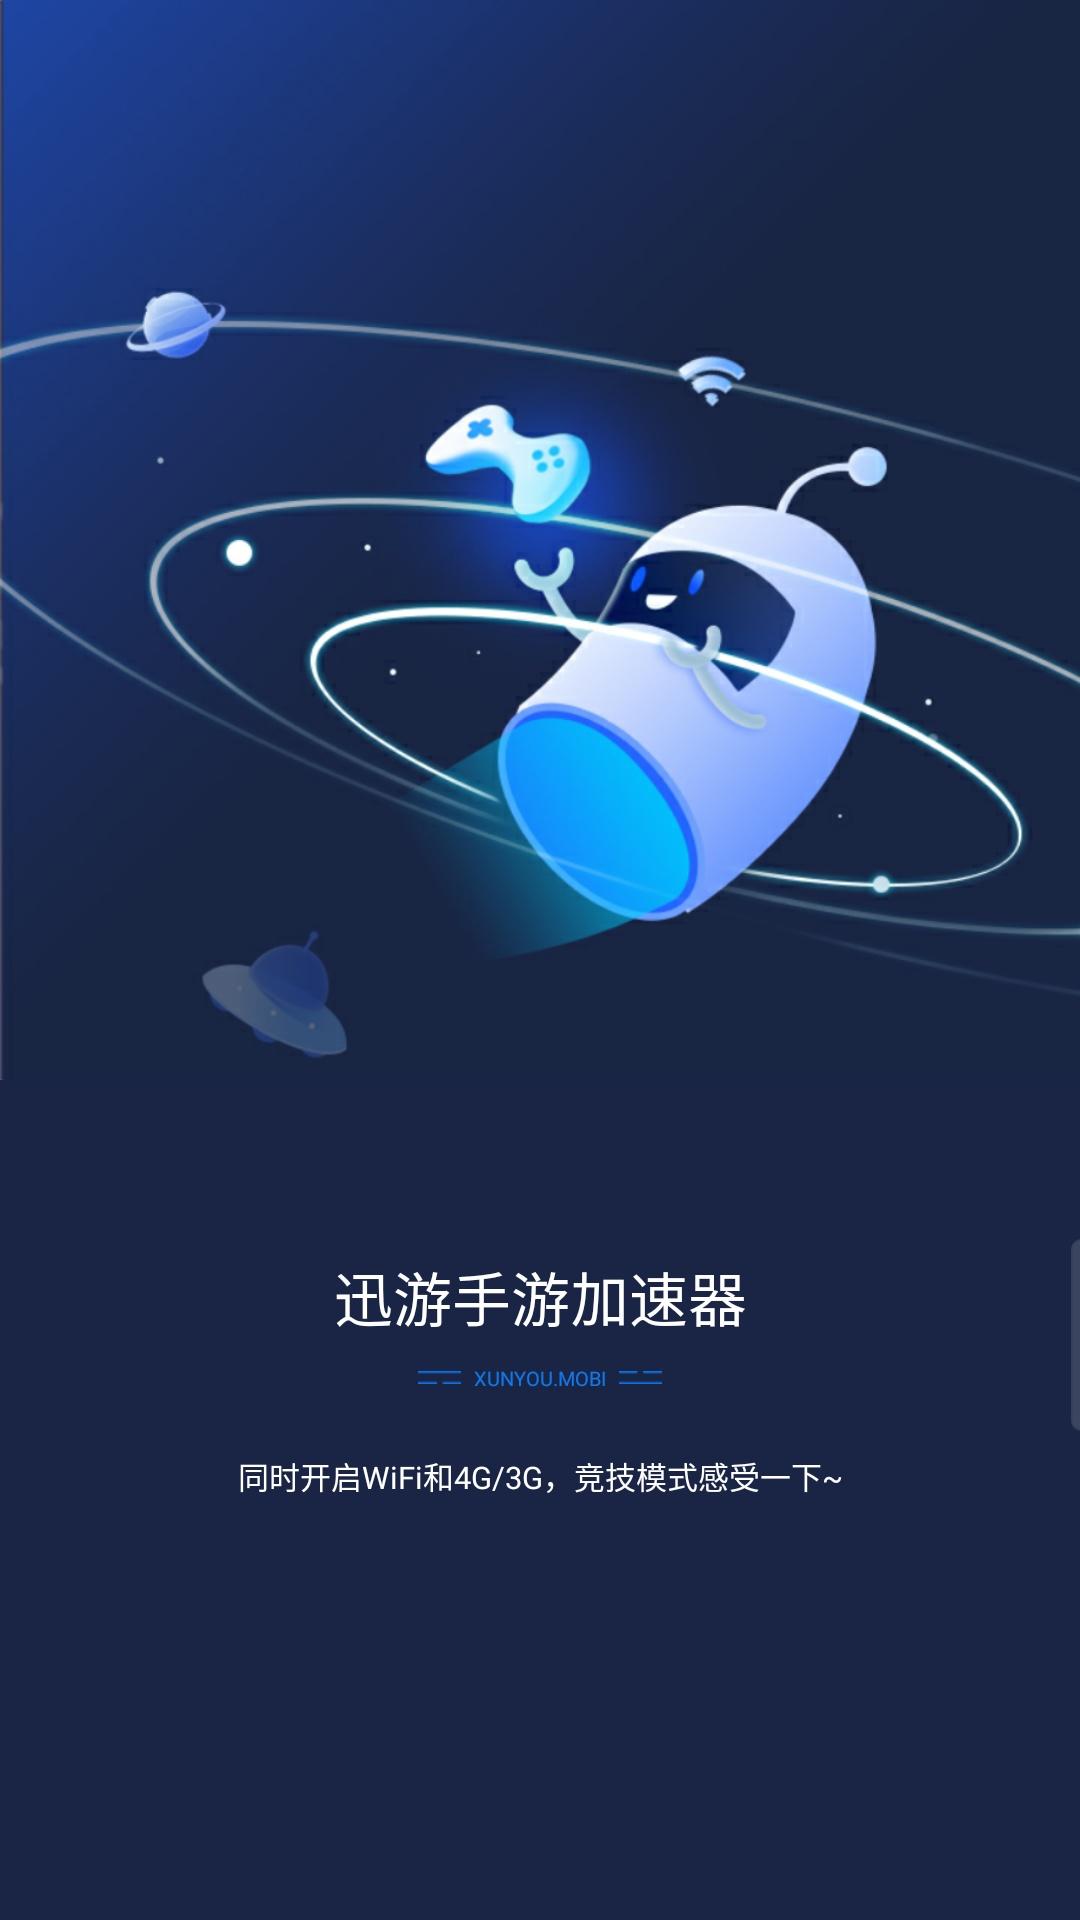 【分享】迅游加速器5.1.12会员版